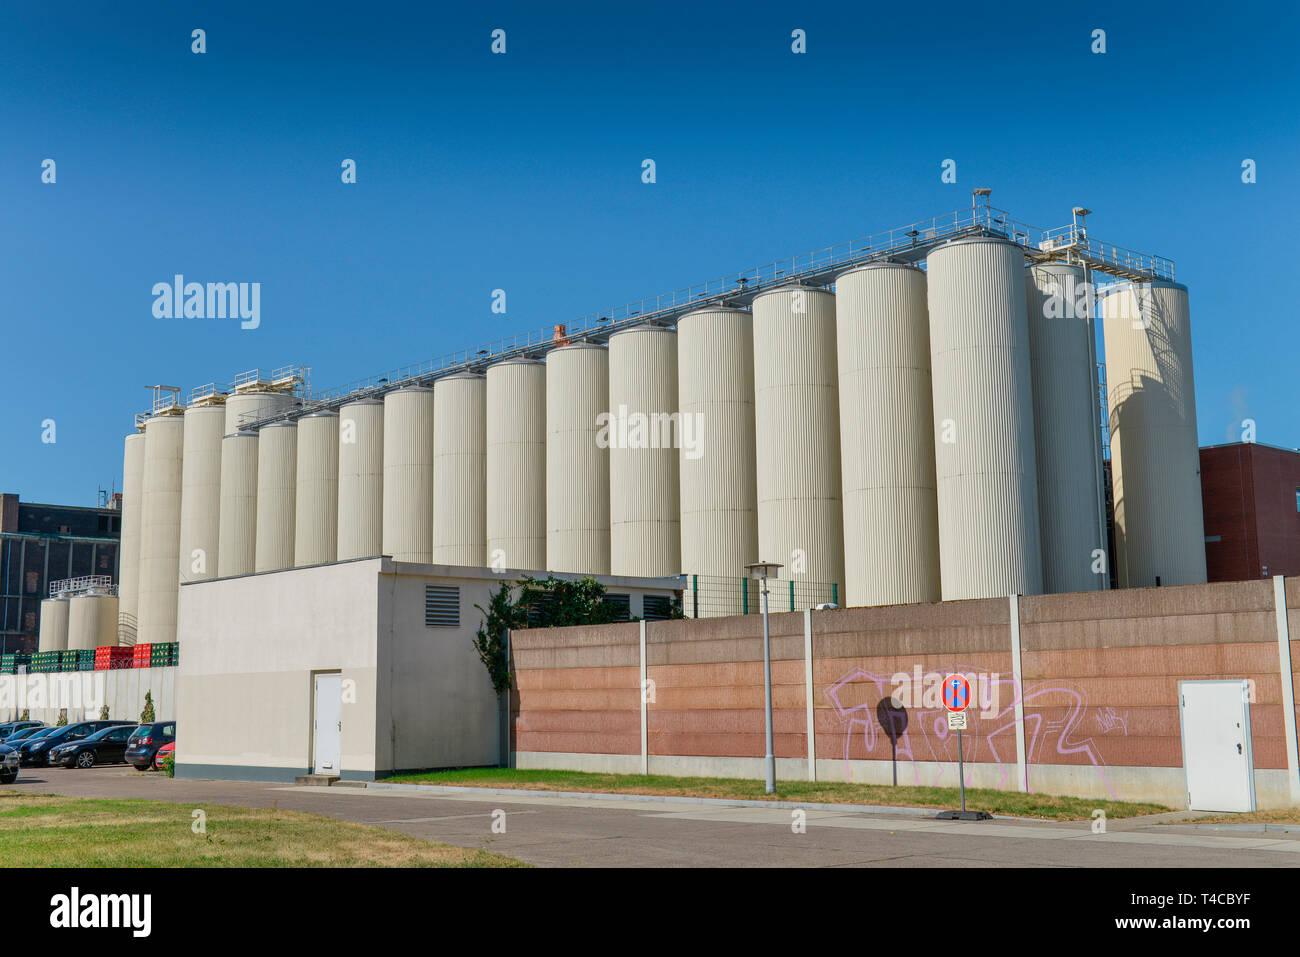 Silos, Kindl-Schultheiss-Brauerei, Indira-Gandhi-Strasse, Hohenschoenhausen, Lichtenberg, Berlin, Deutschland - Stock Image